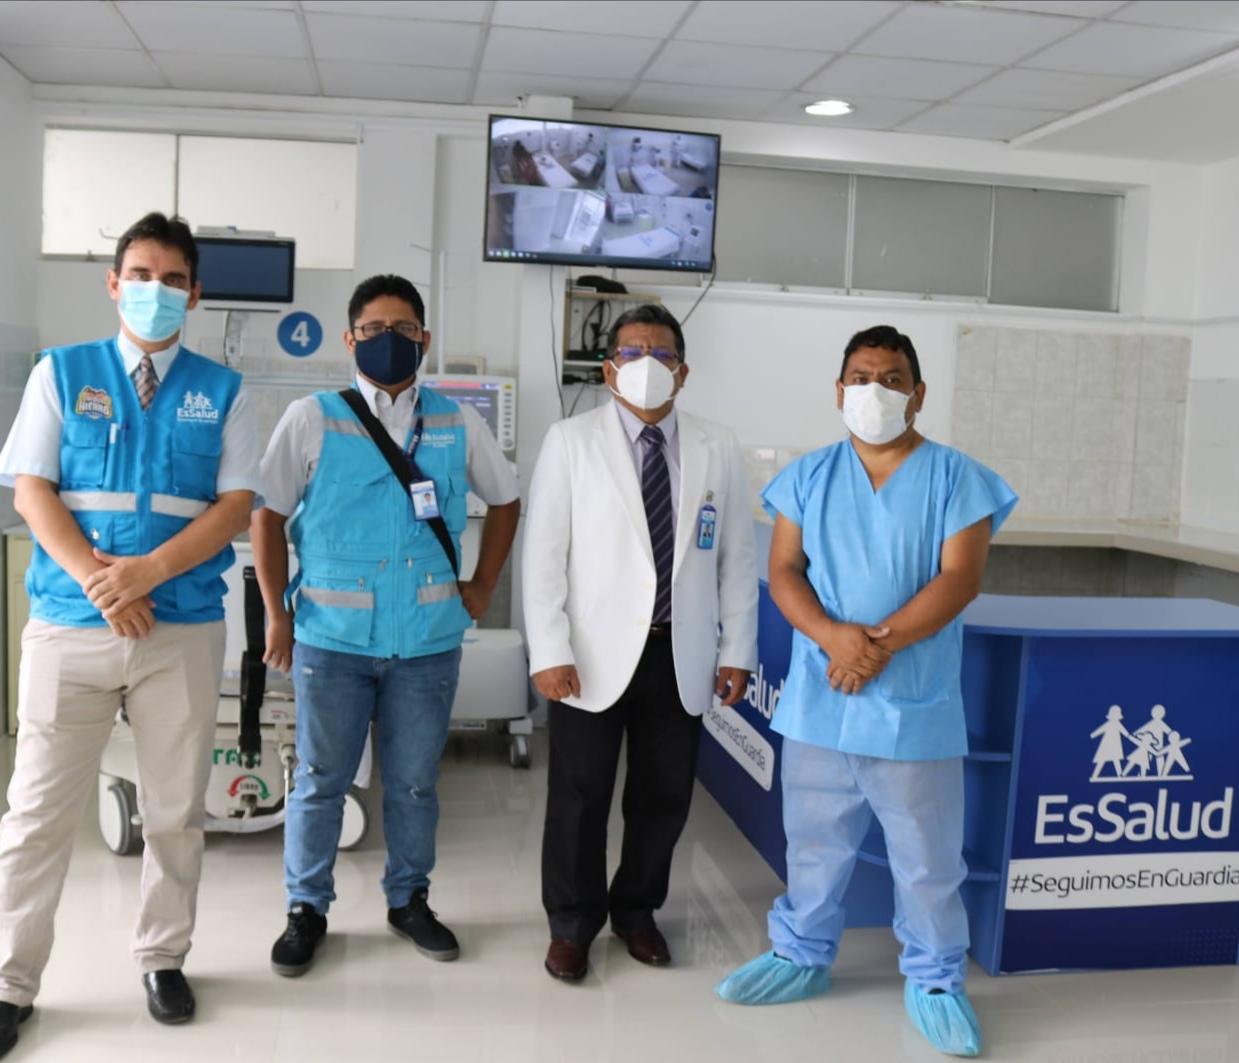 EsSalud Huánuco requiere contratar 60 profesionales de la salud entre médicos, enfermeras, técnicos y tecnólogos médicos